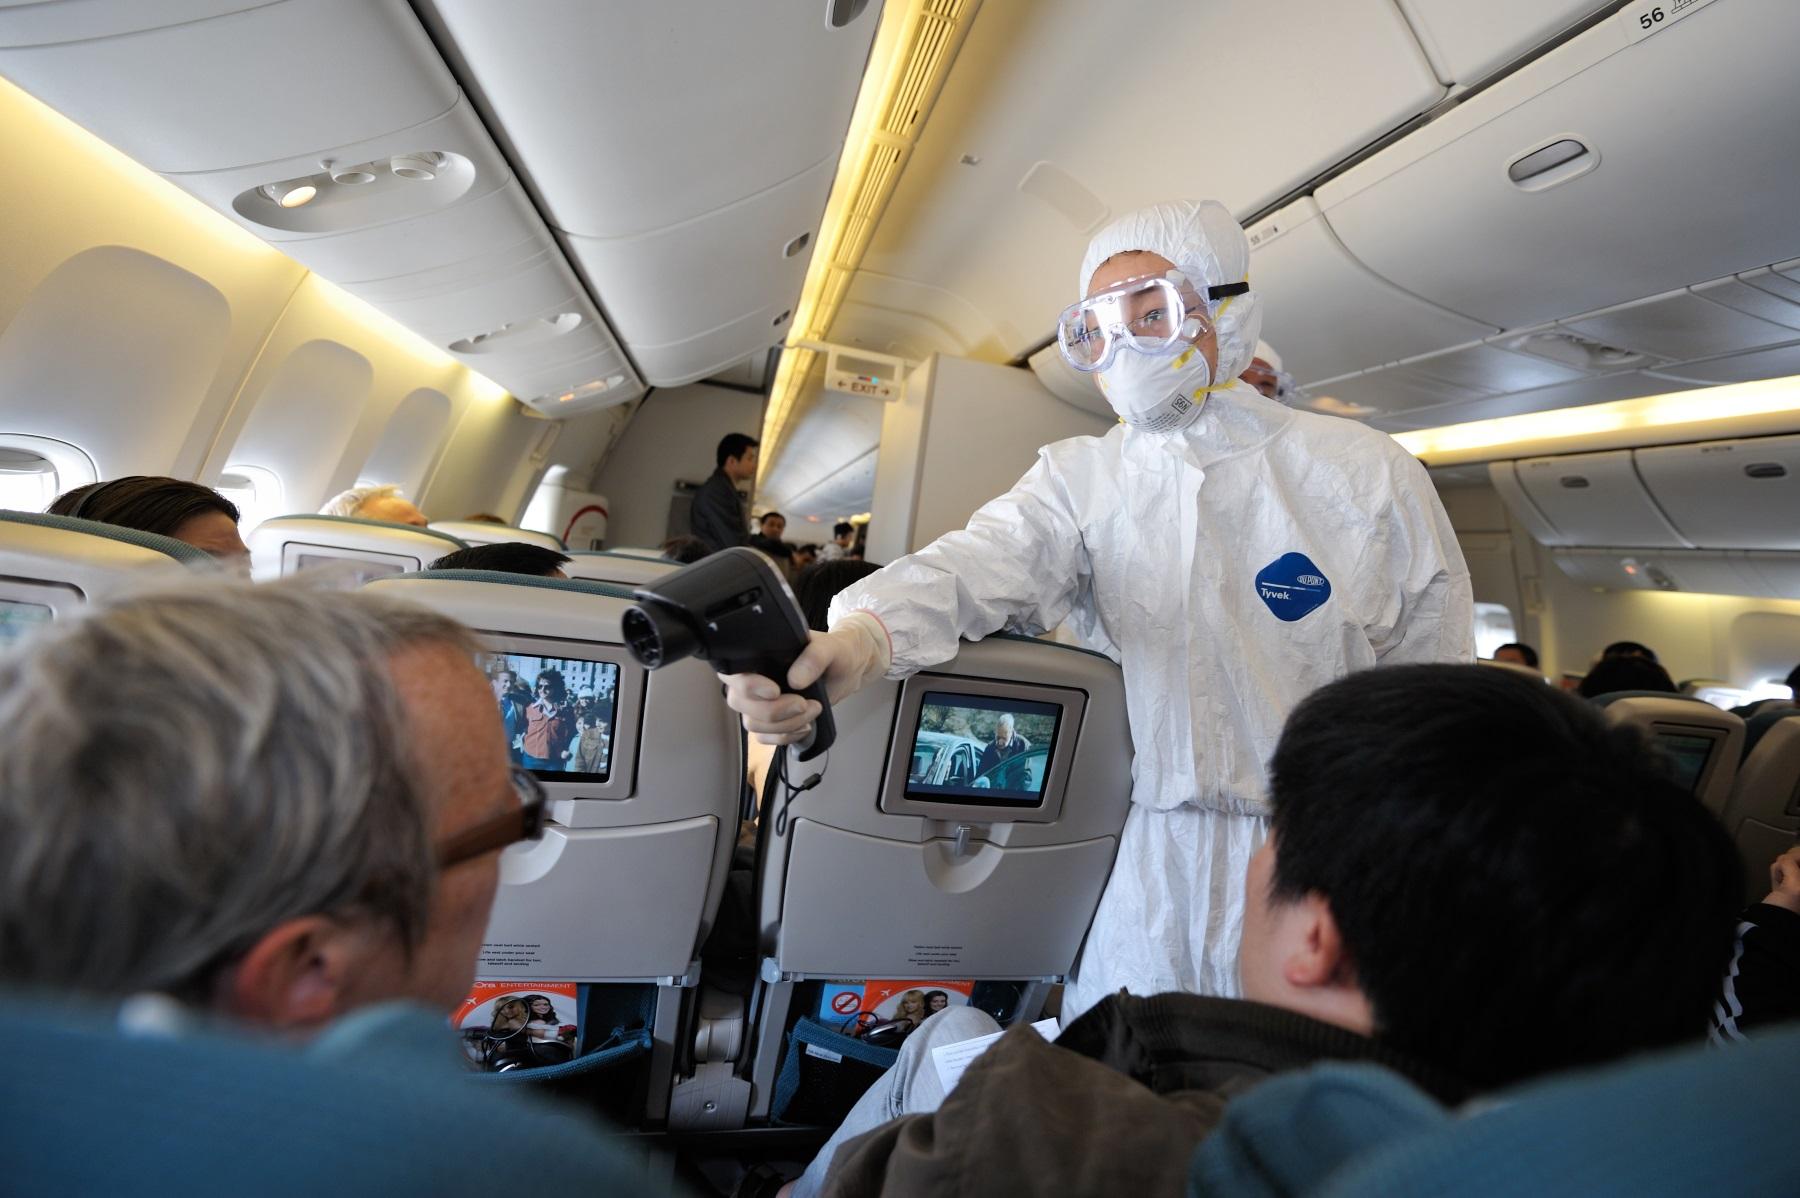 Personel pokładowy mierzy temperaturę ciała pasażerów termometrem bezdotykowym (fot: Shutterstock.com)